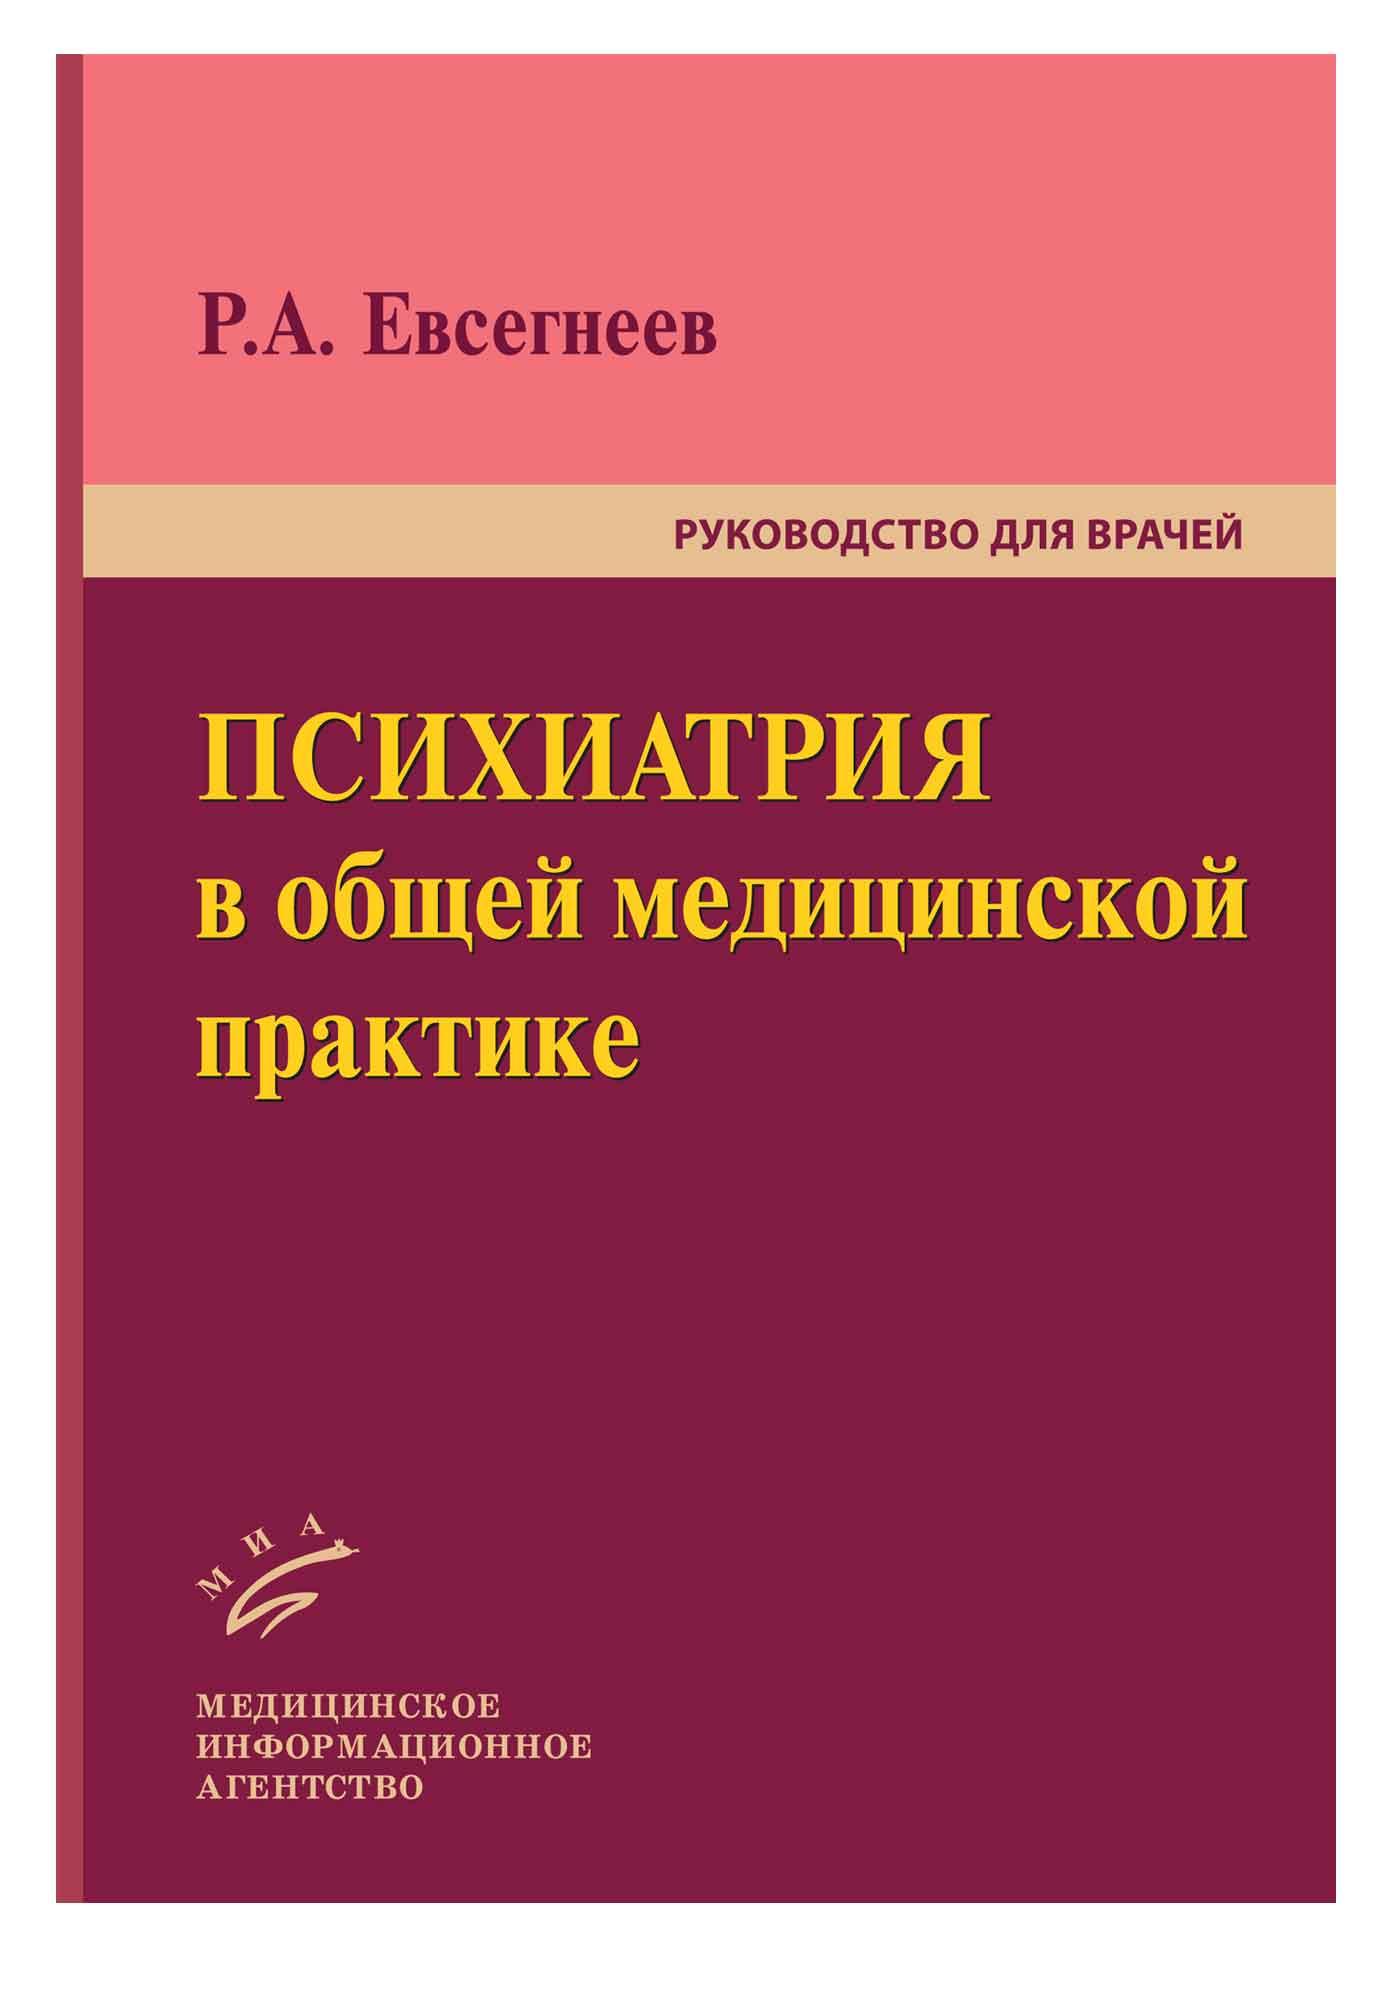 Учебники по психиатрии для электроных книг